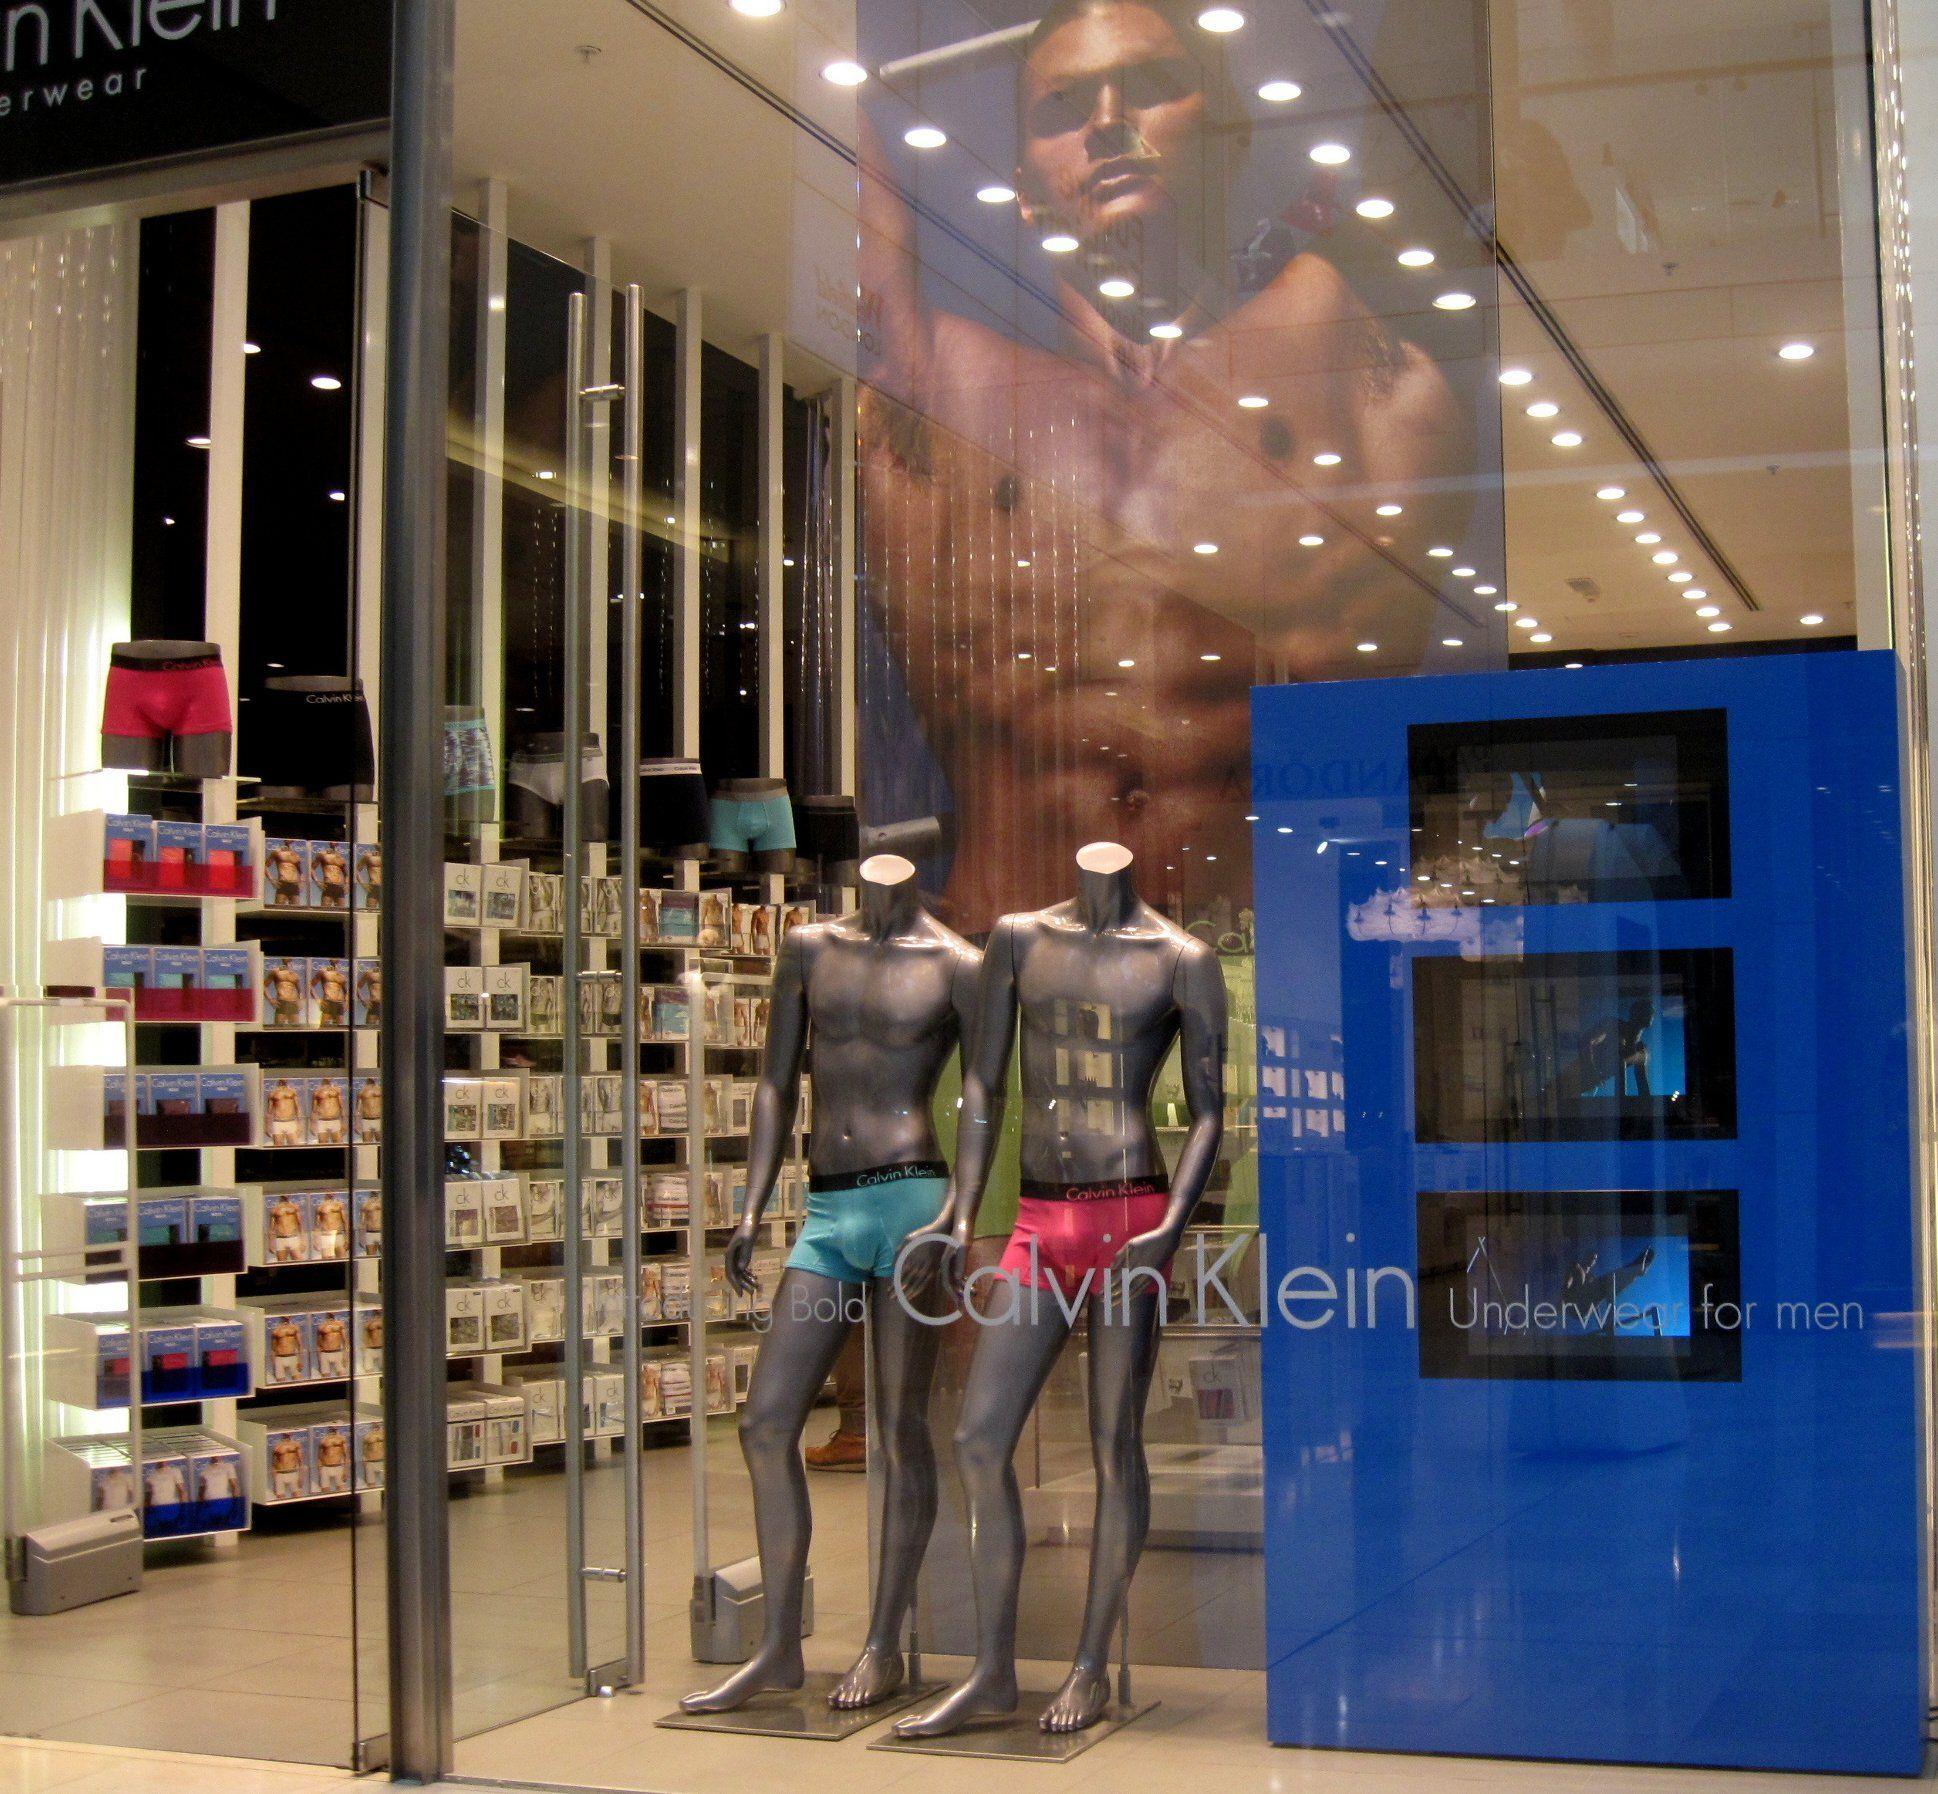 ff2f4d5ad6da Calvin Klein Calvin Klein Store, Retail Design, Display, Underwear Store, Calvin  Klein